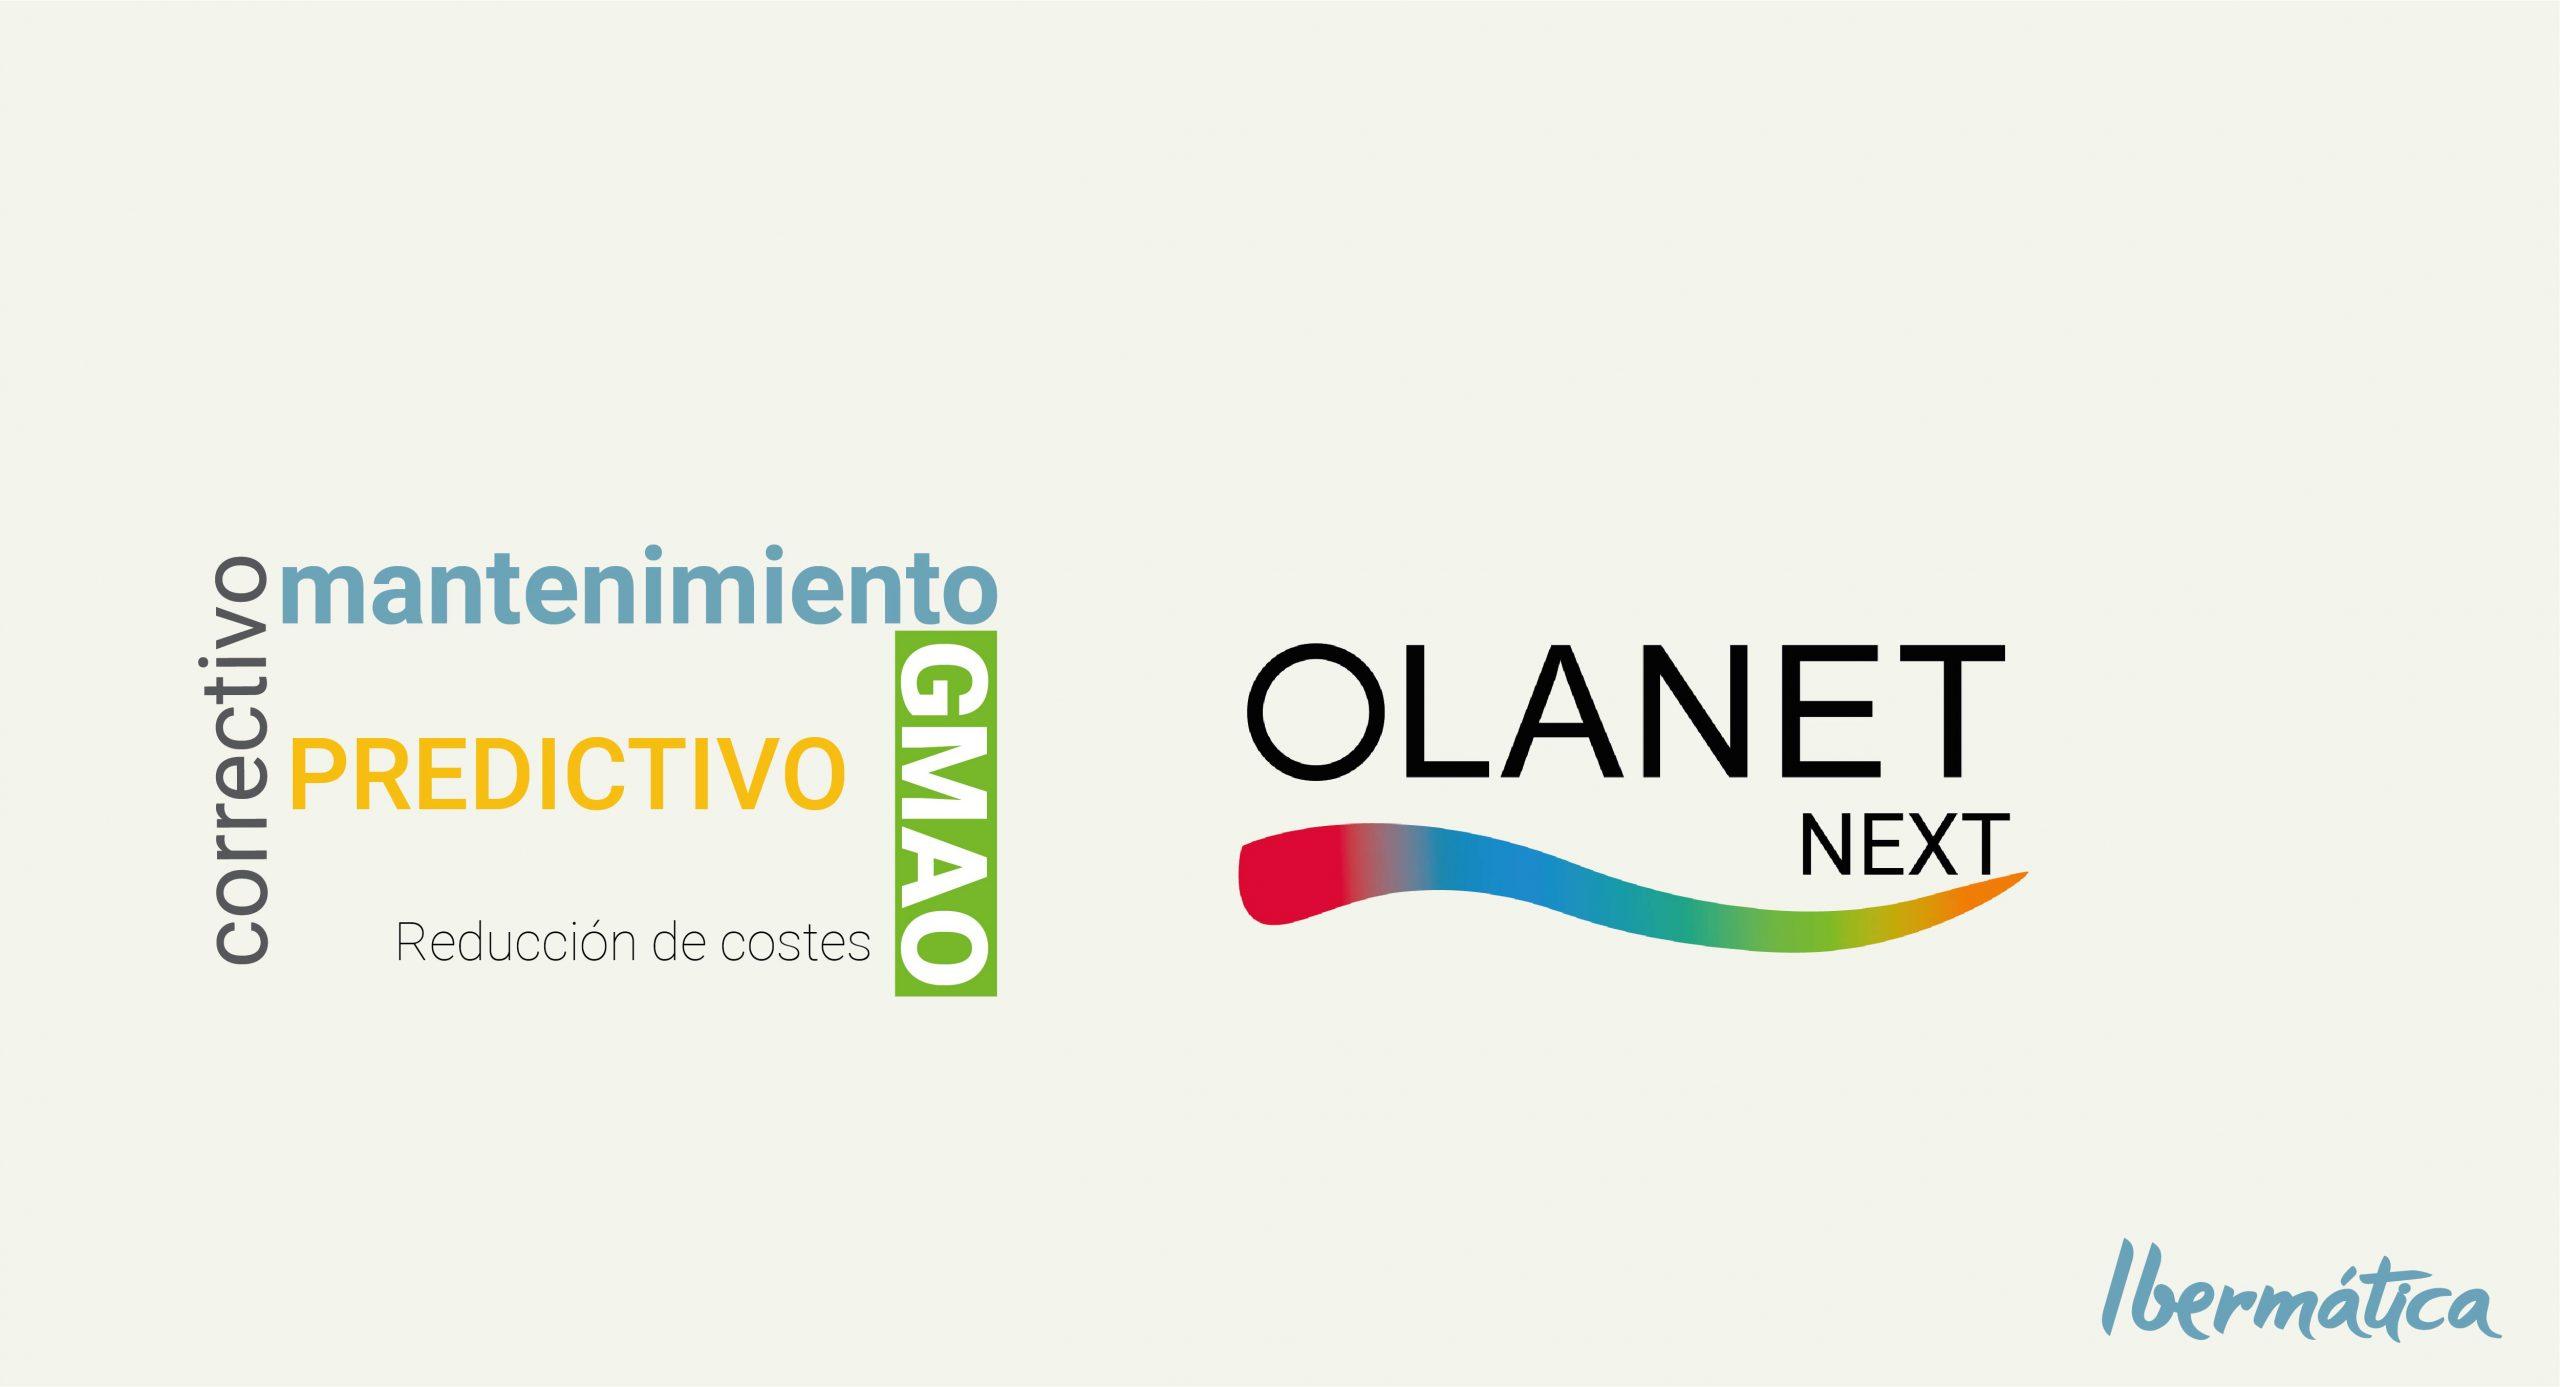 Las ventajas del módulo de mto de OLANET Next